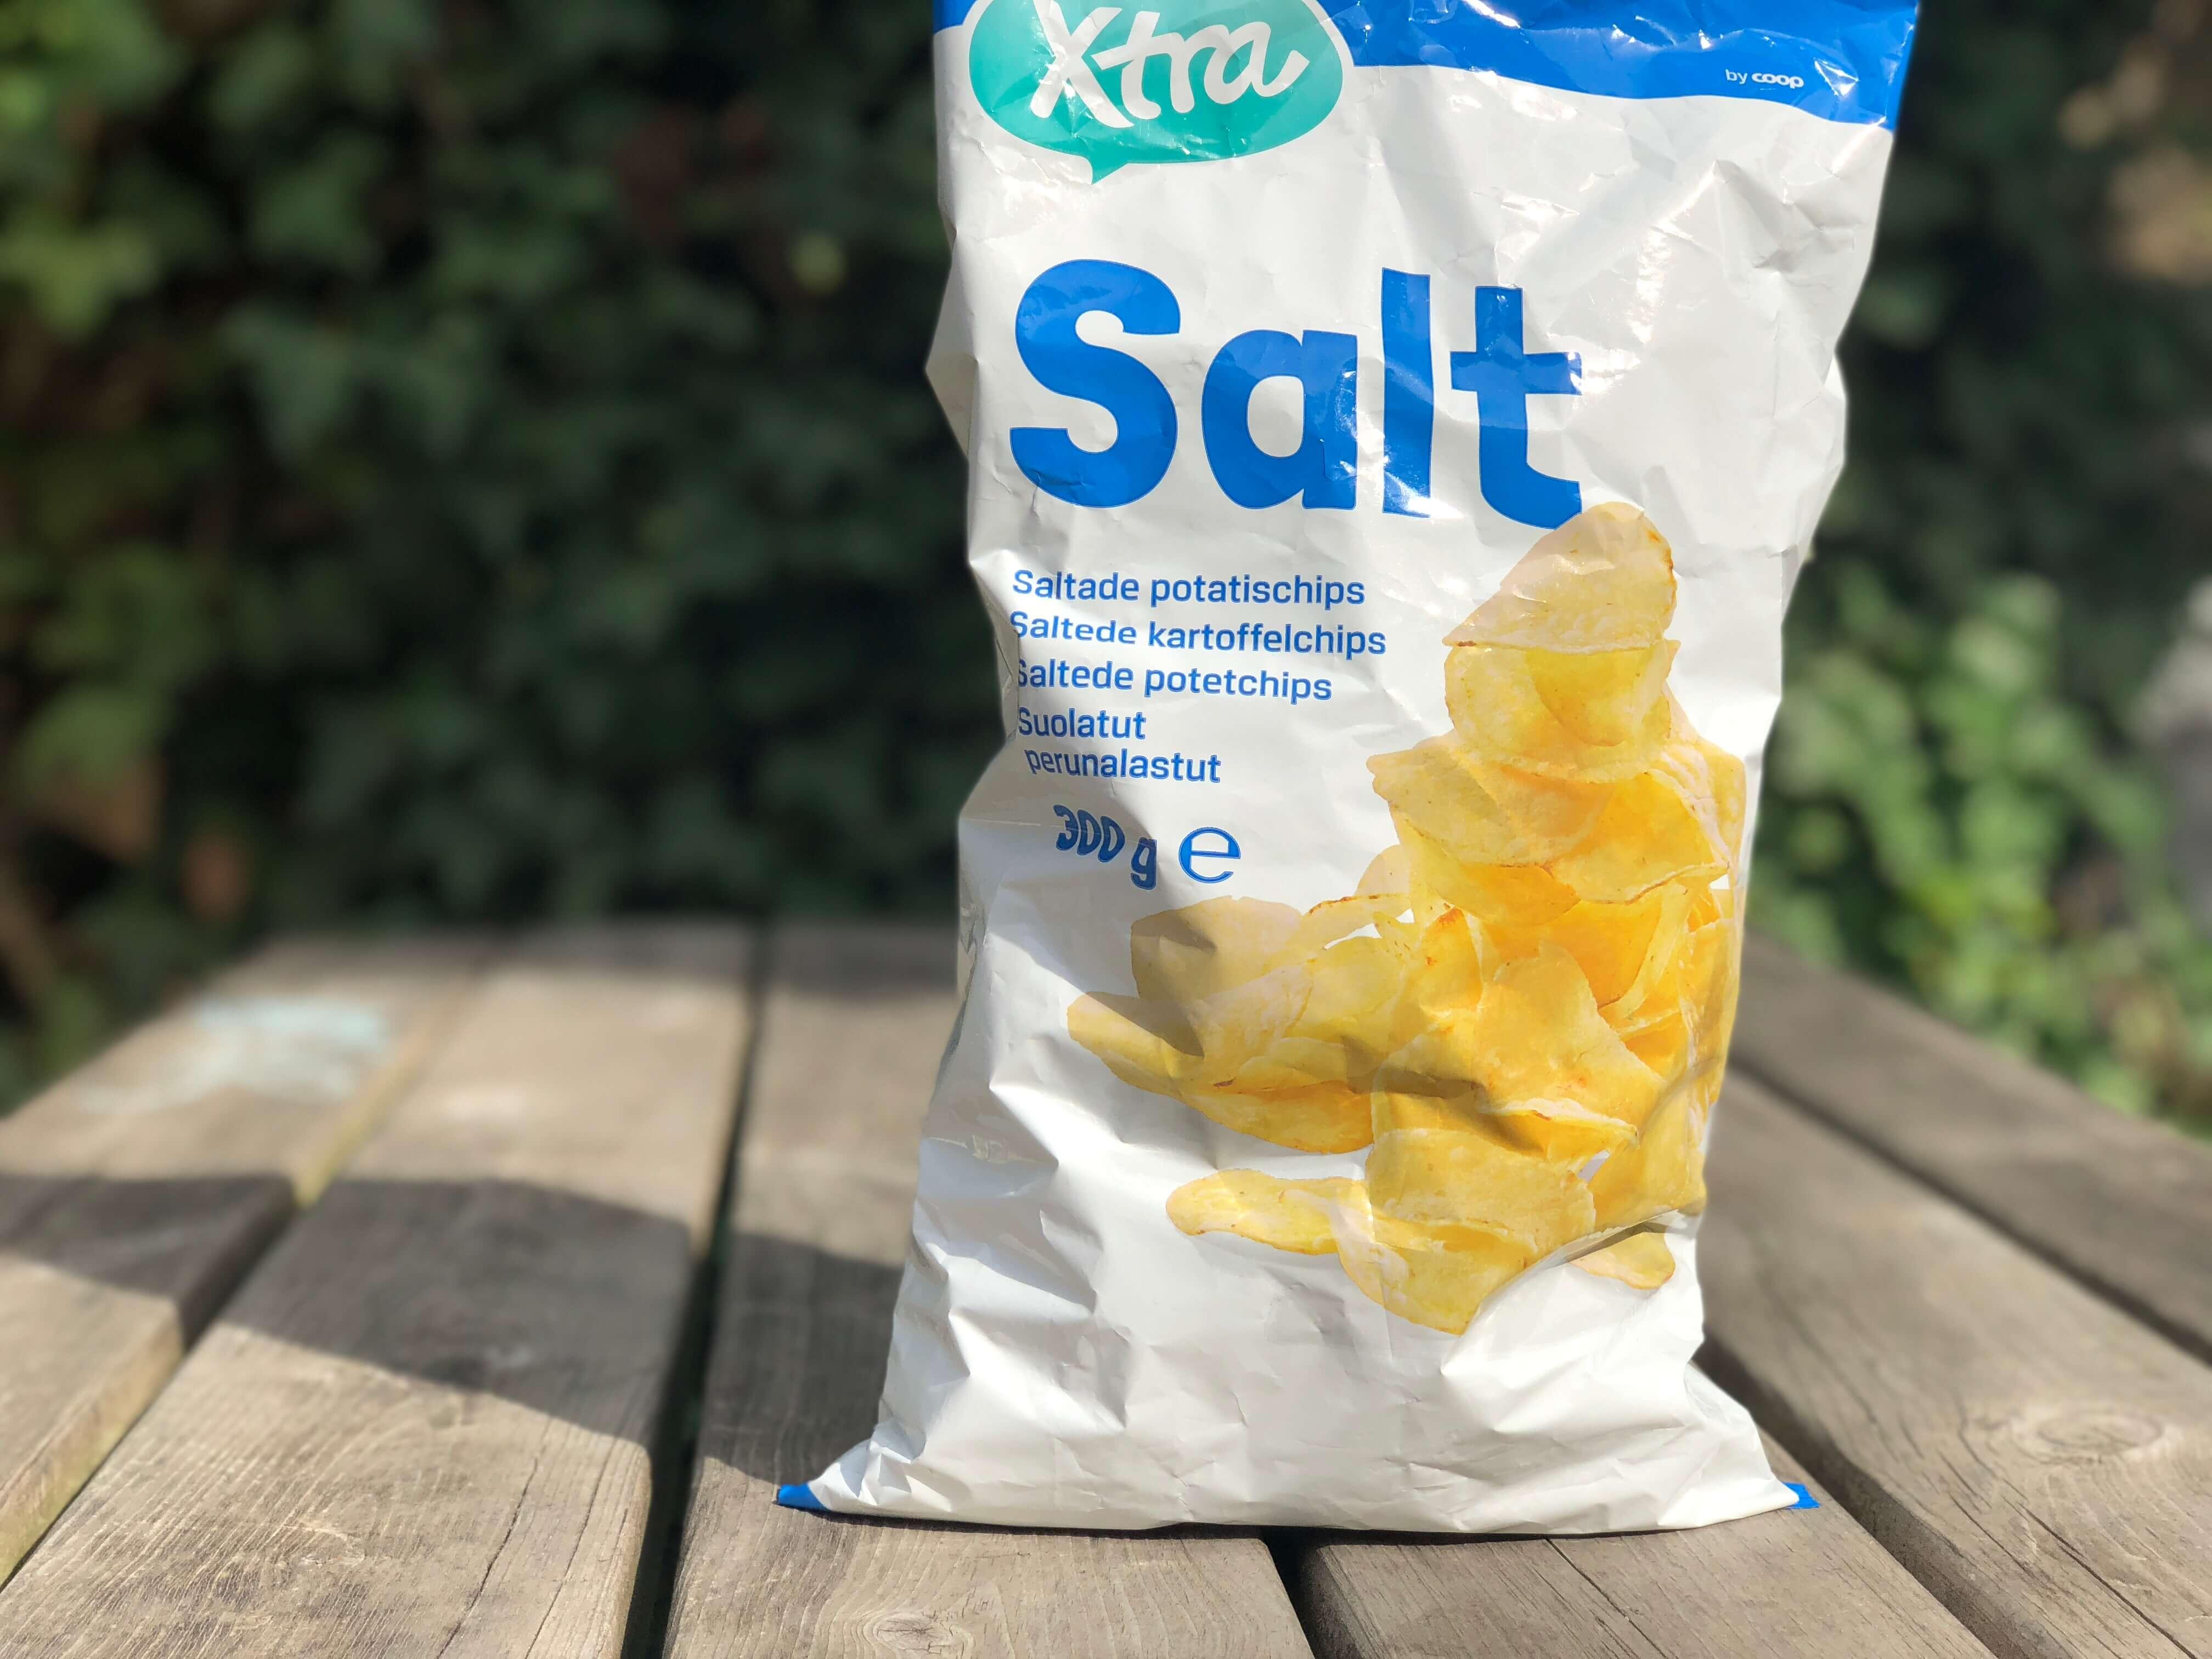 Xtra salt